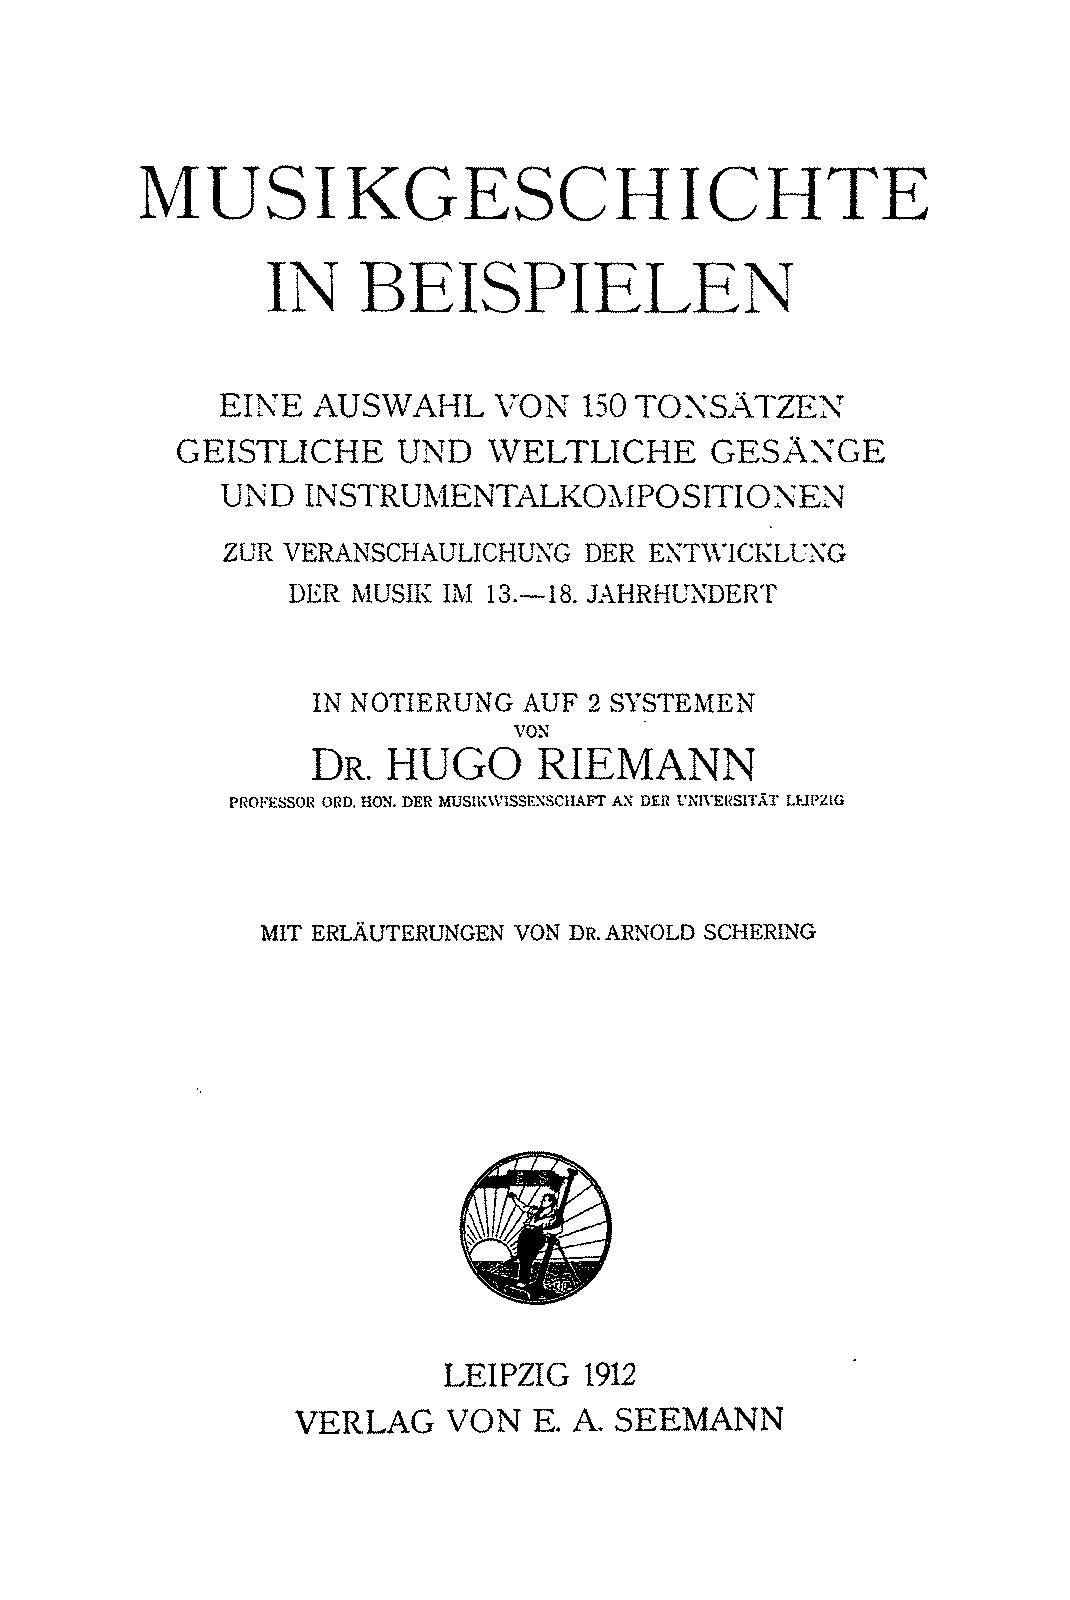 Musikgeschichte in Beispielen (Riemann, Hugo) - IMSLP/Petrucci Music ...